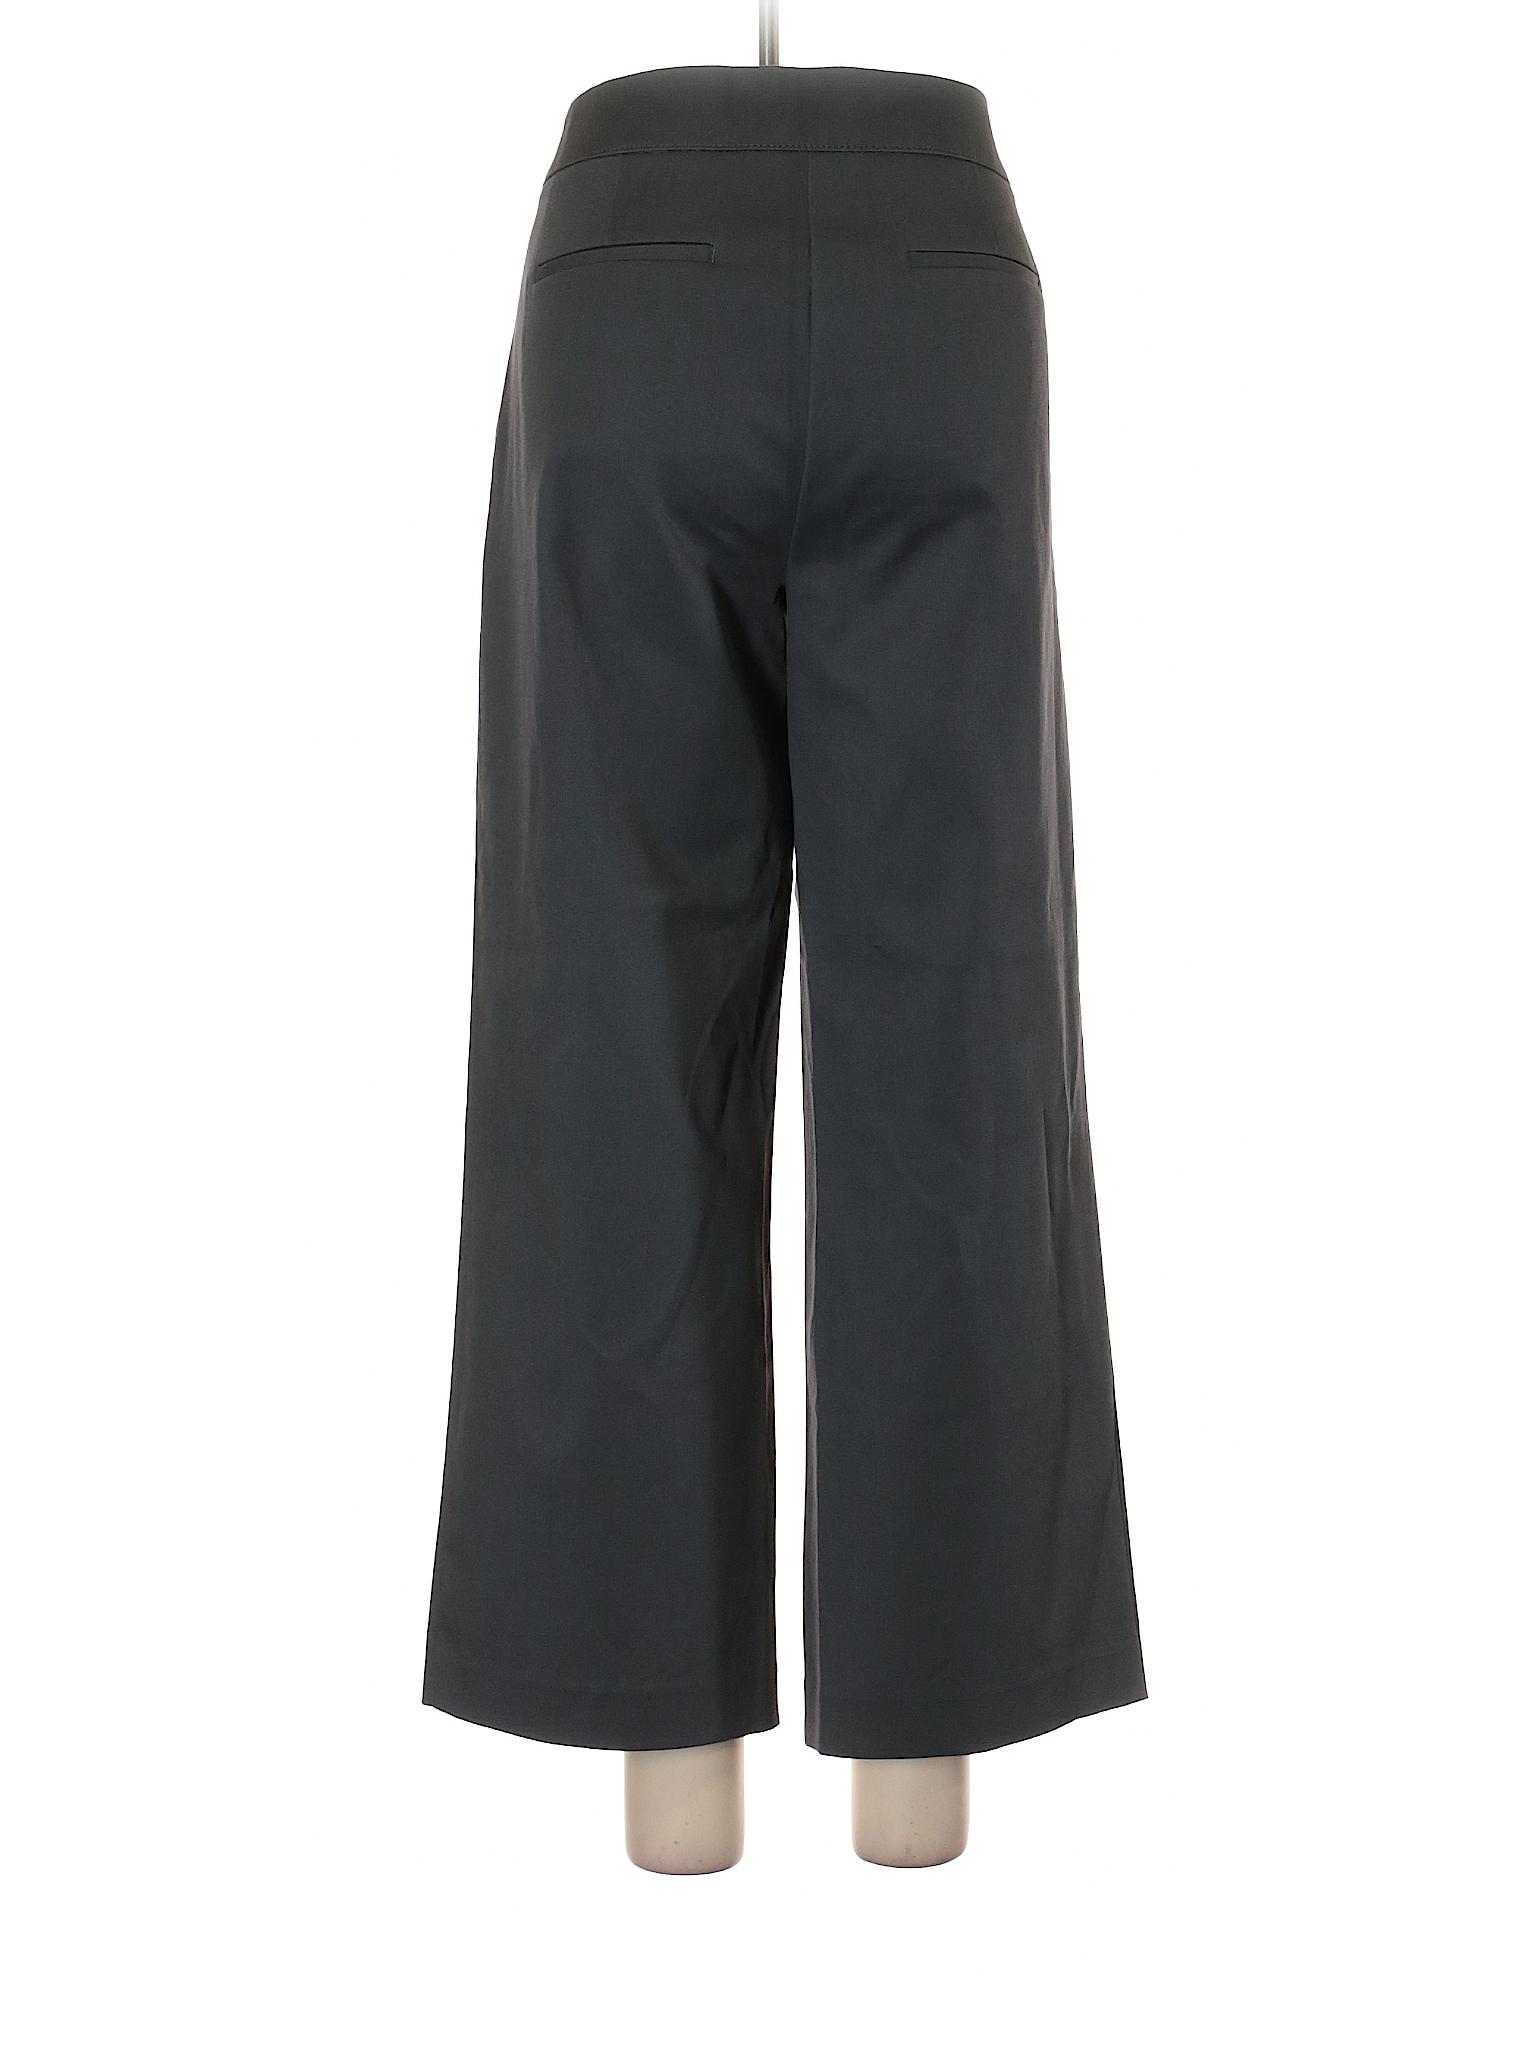 Dress LOFT Boutique Taylor Ann leisure Pants 1SWqI0W